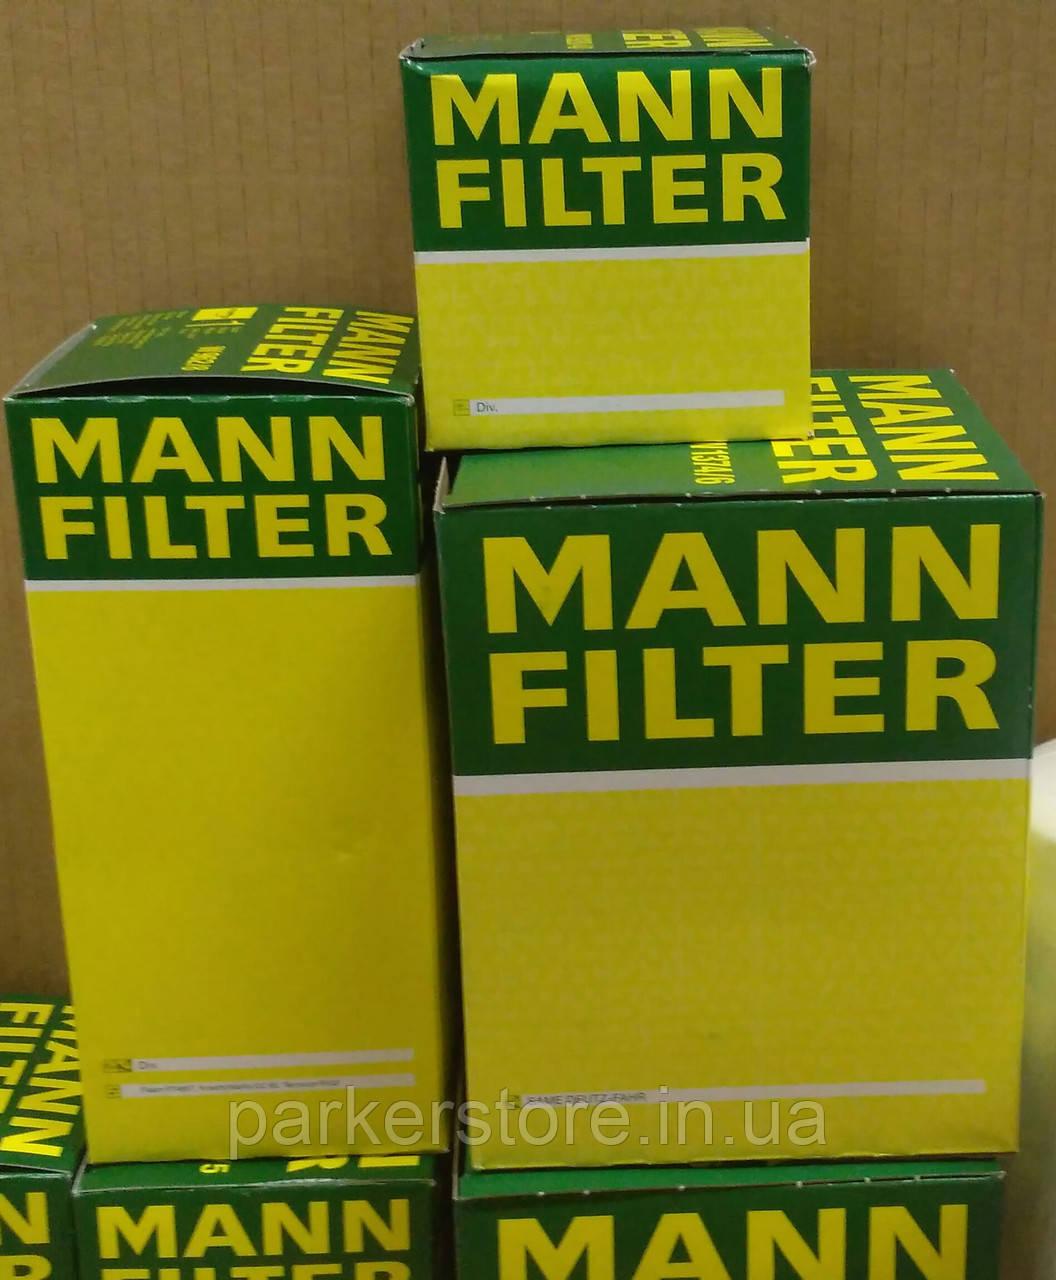 MANN FILTER / Повітряний фільтр / C 30 138/1 / C30138/1